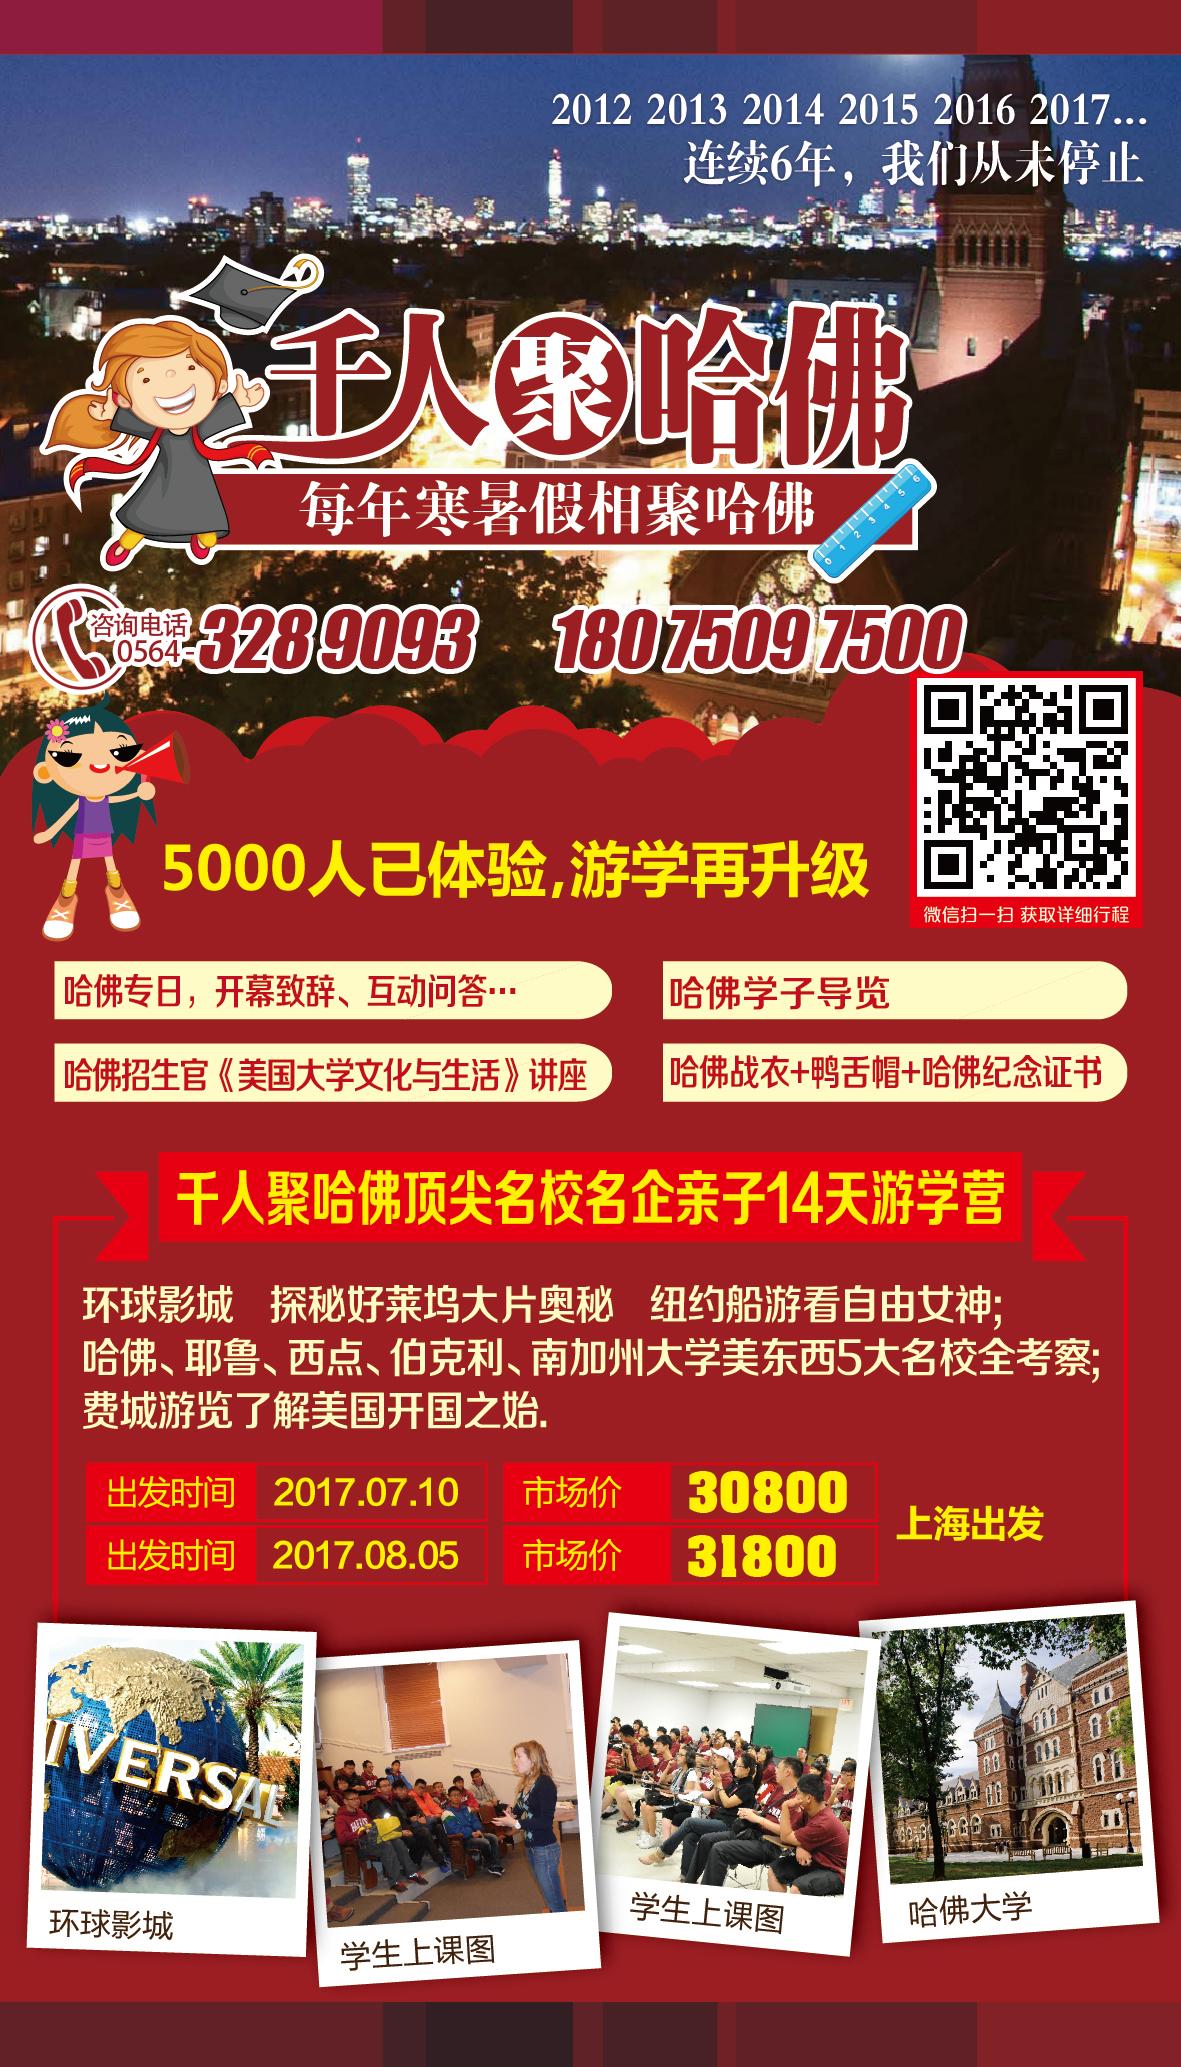 2017千人聚哈佛夏令营.jpg